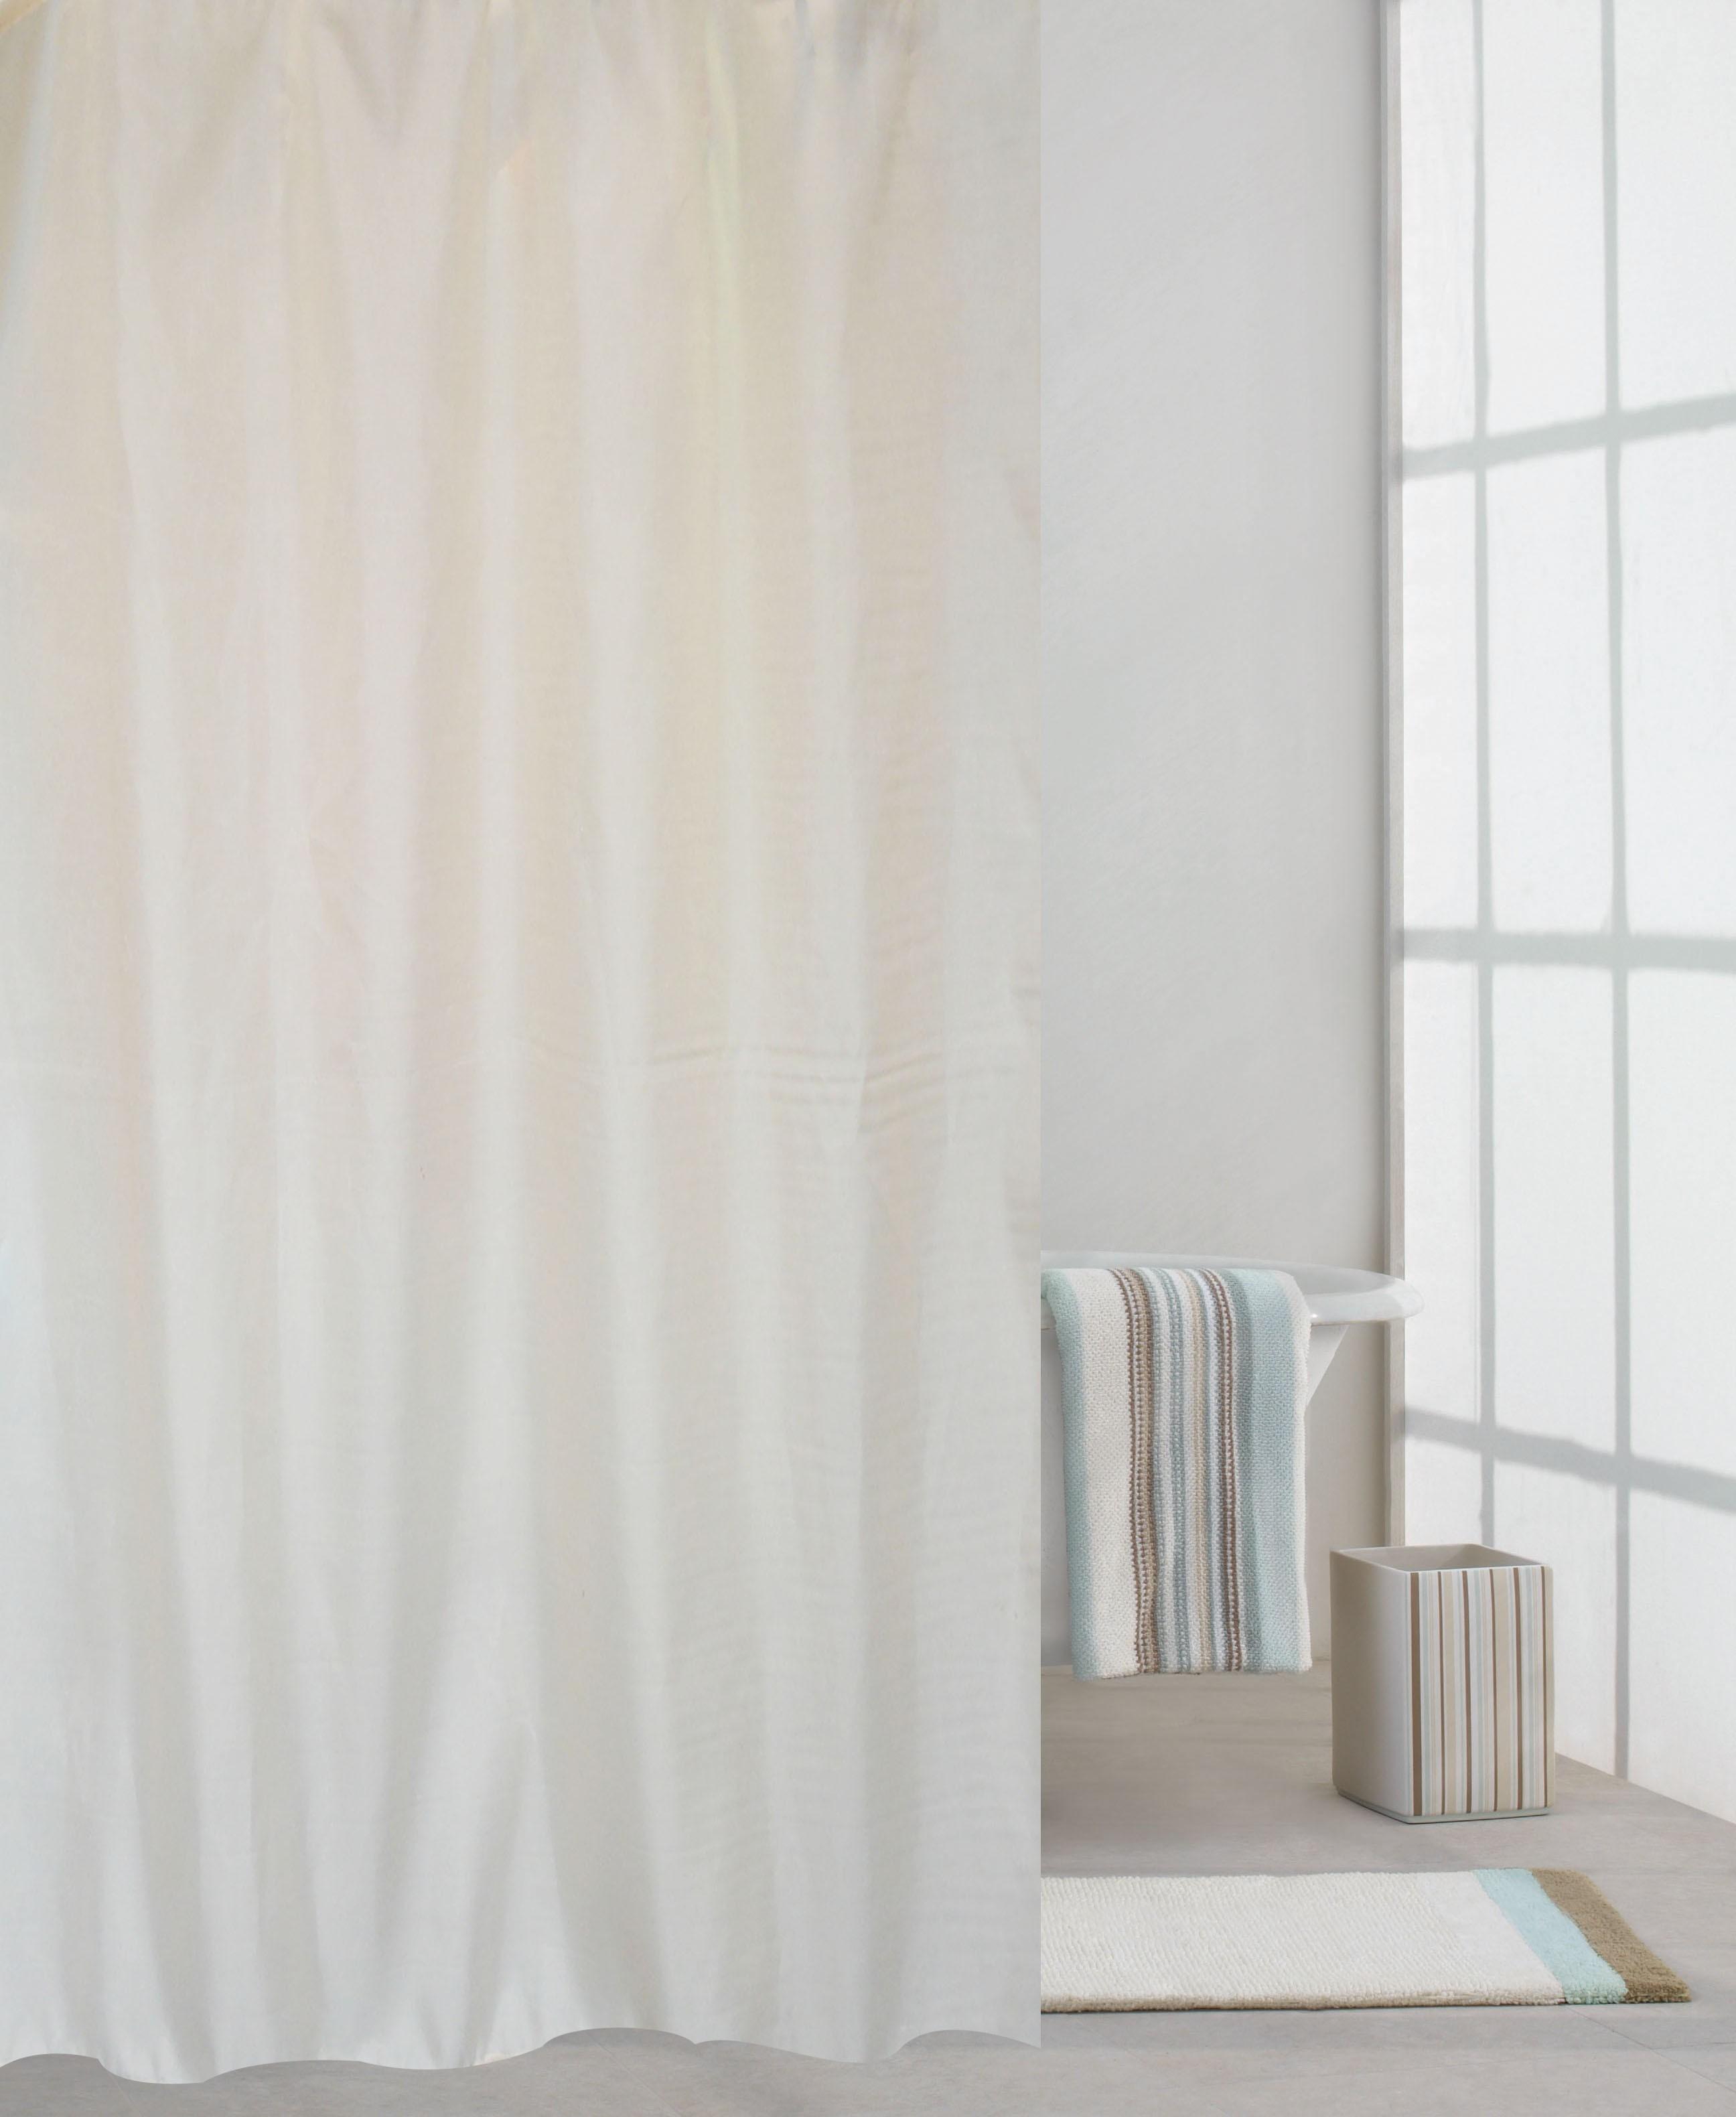 κουρτίνα μπάνιου υφασμάτινη μονόχρωμη λευκή 180x180cm home   ειδη μπανιου   κουρτίνες μπάνιου